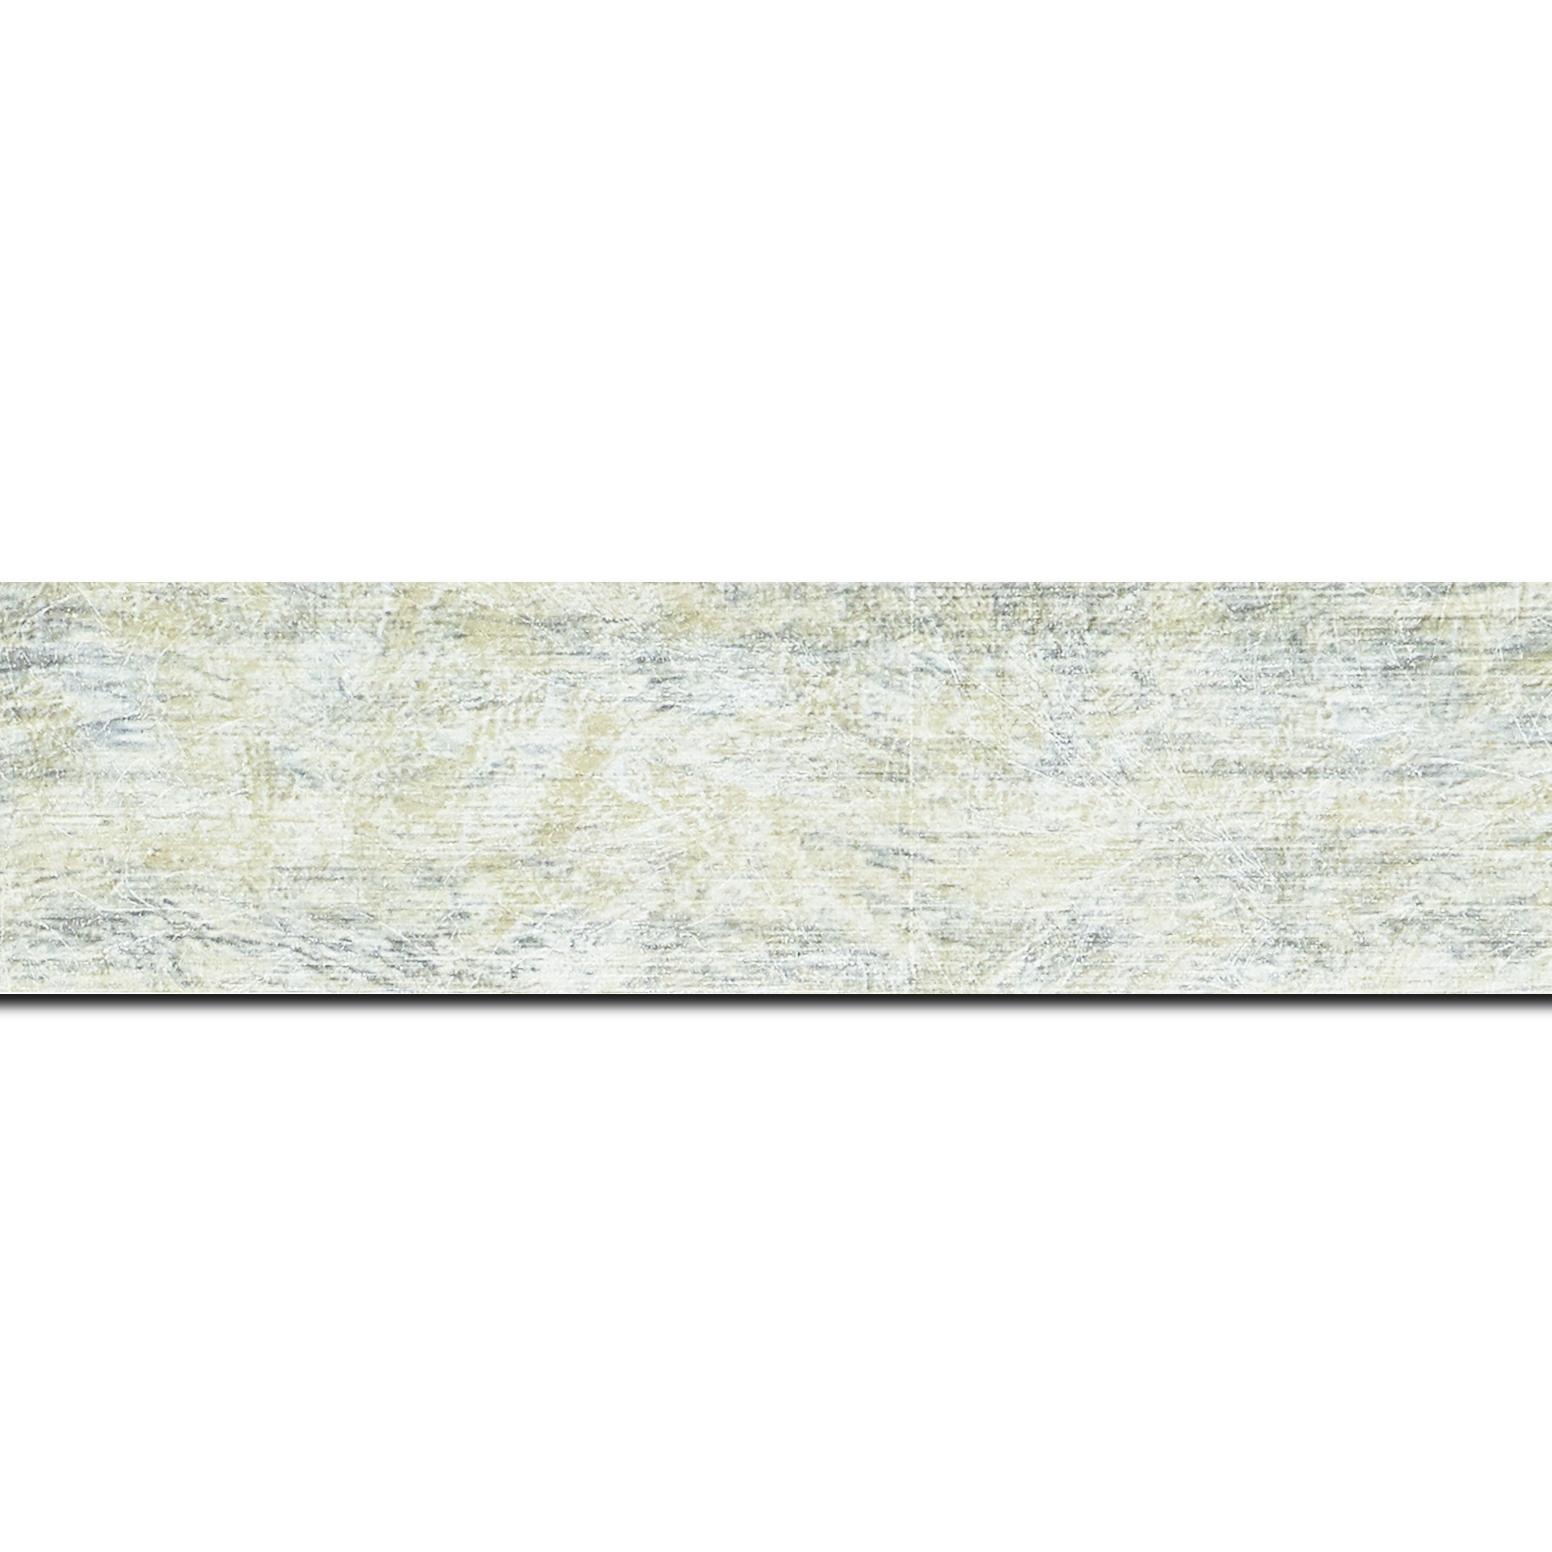 Baguette longueur 1.40m bois profil plat largeur 4cm argent chaud effet marbré